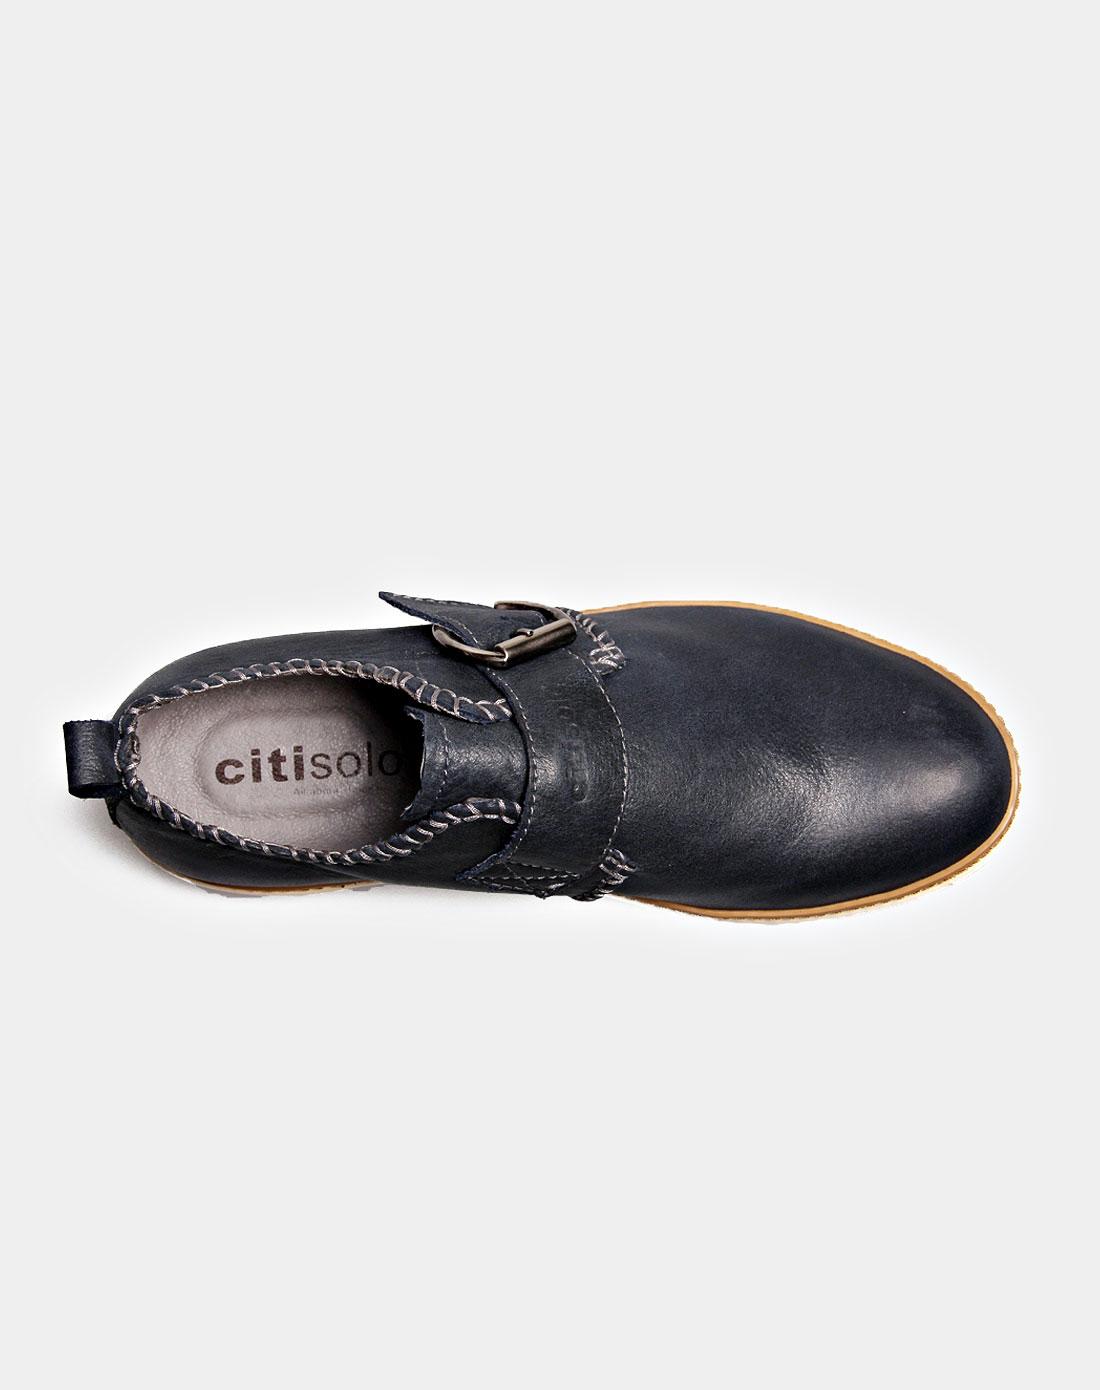 西颂citisolo深蓝复古商务休闲搭扣大头男鞋csmx930